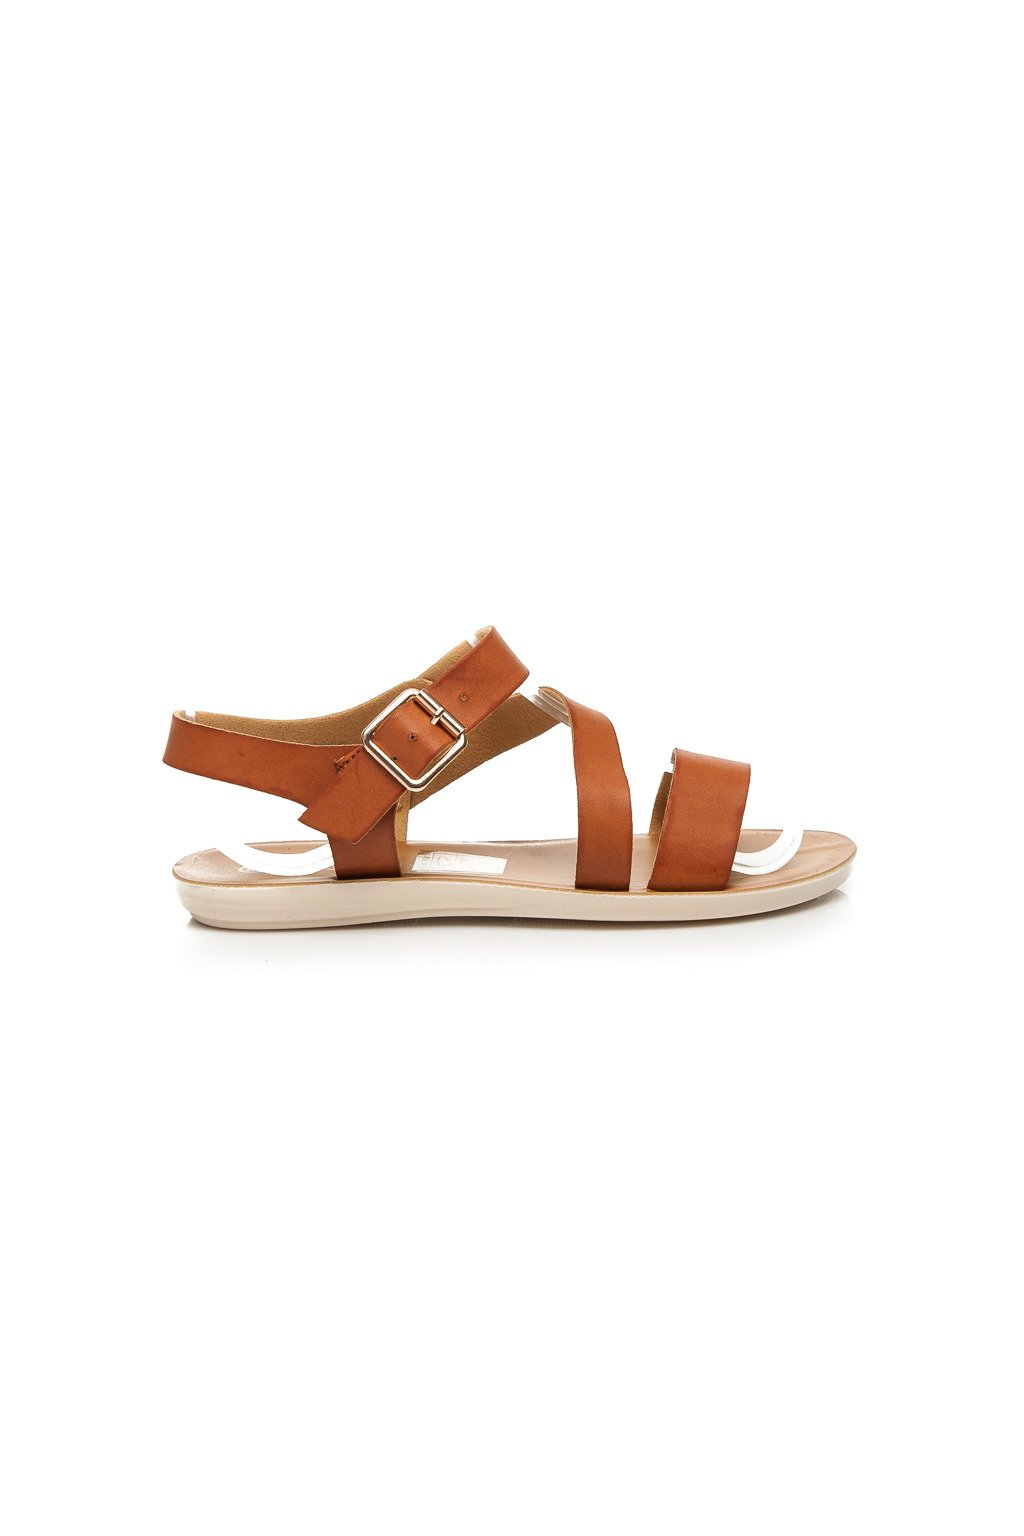 Dámske sandále hnedobéžové HH0008C  86aa7f0b17a